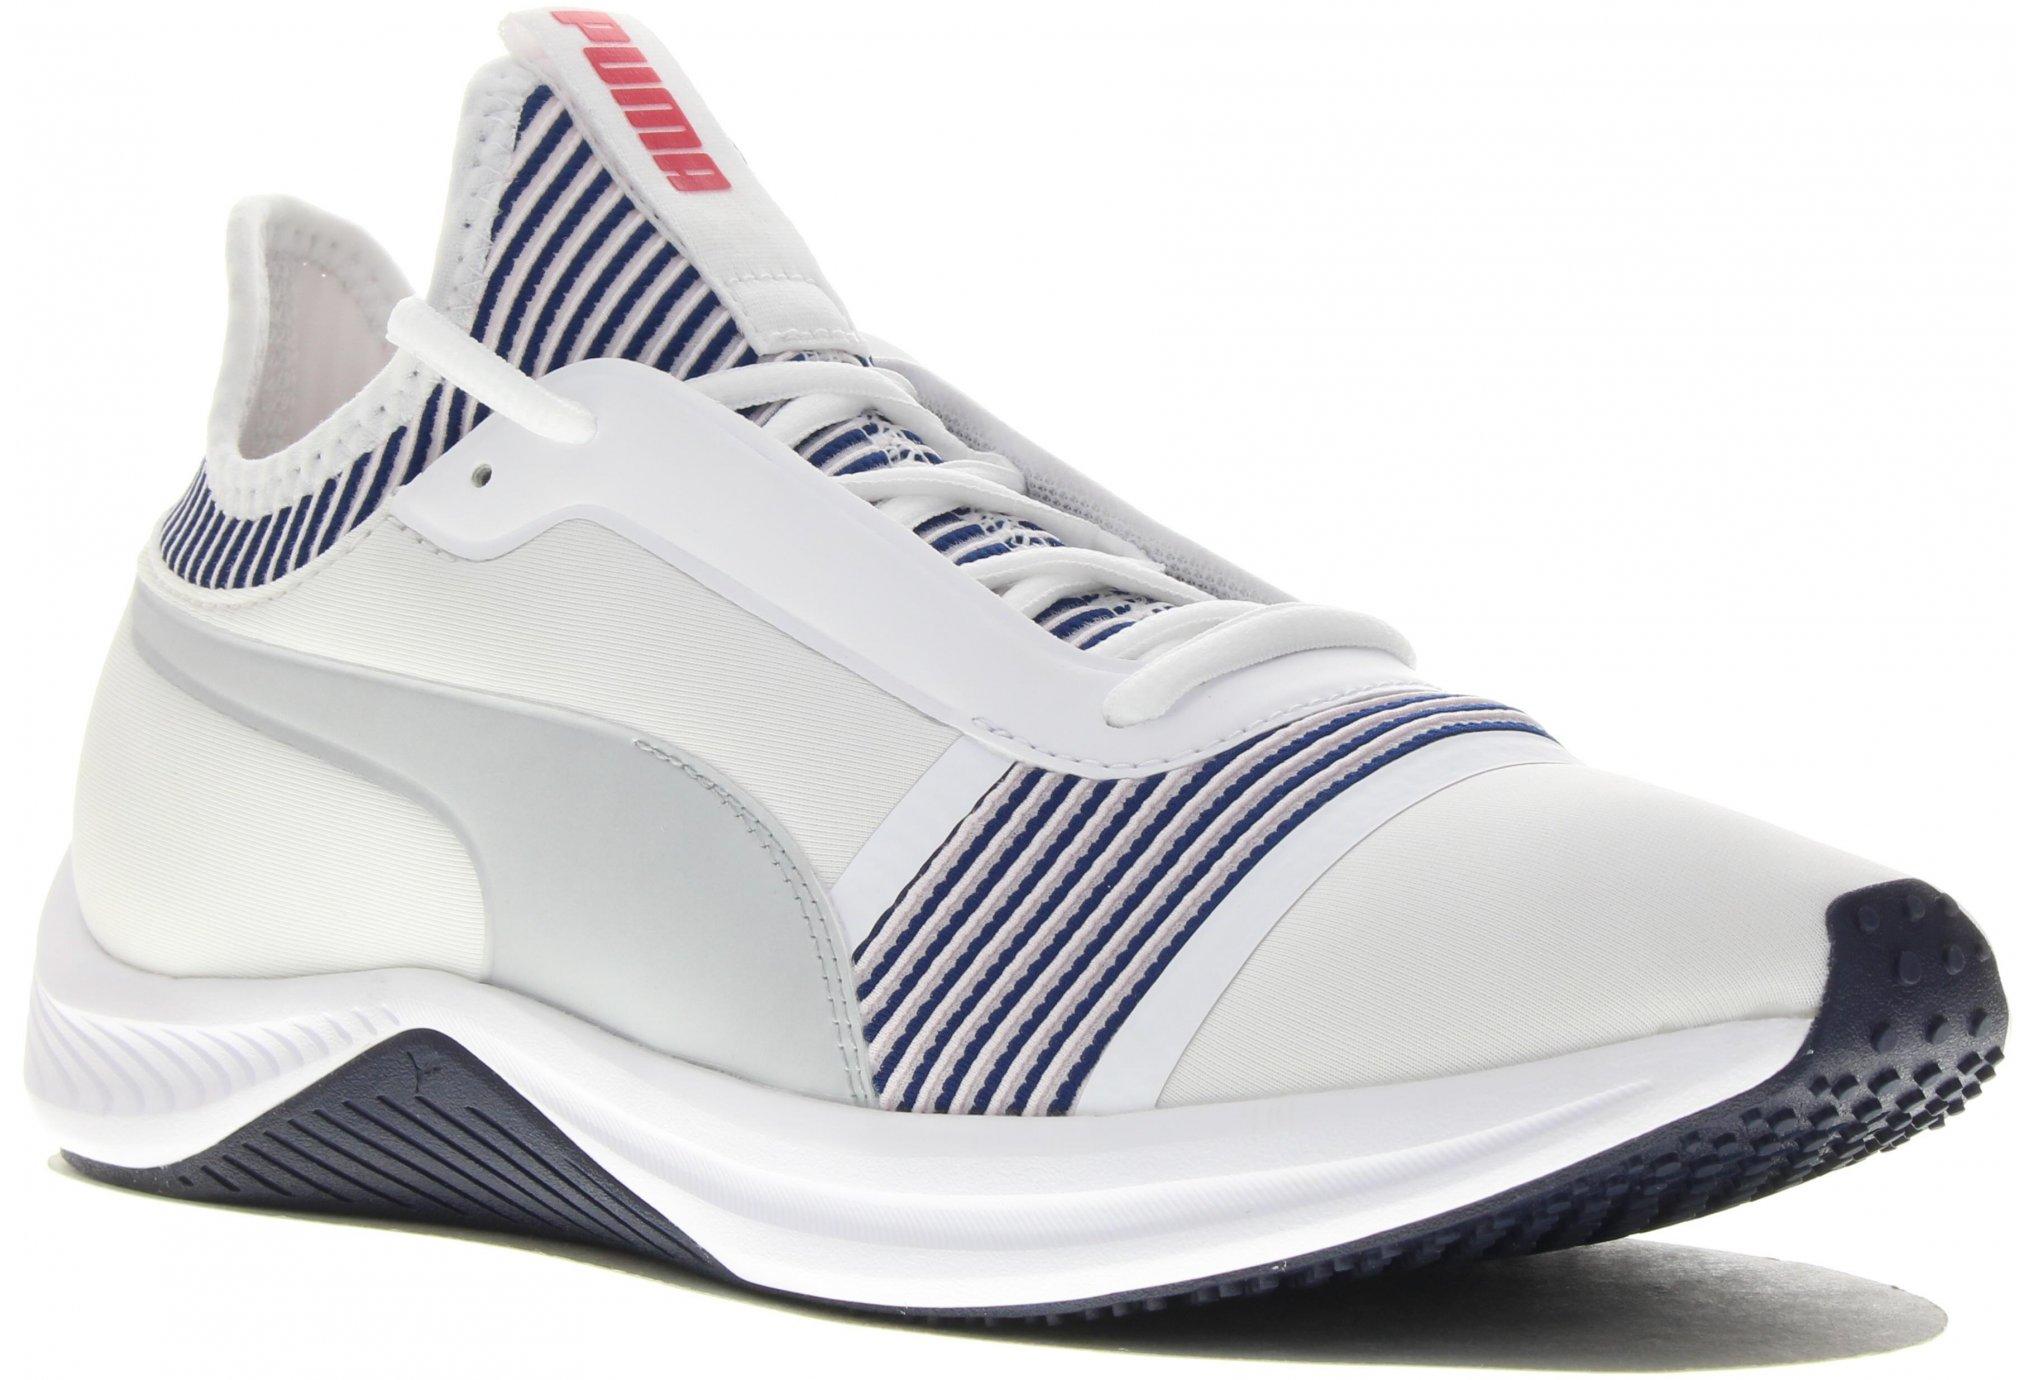 Puma AMP XT W Diététique Chaussures femme